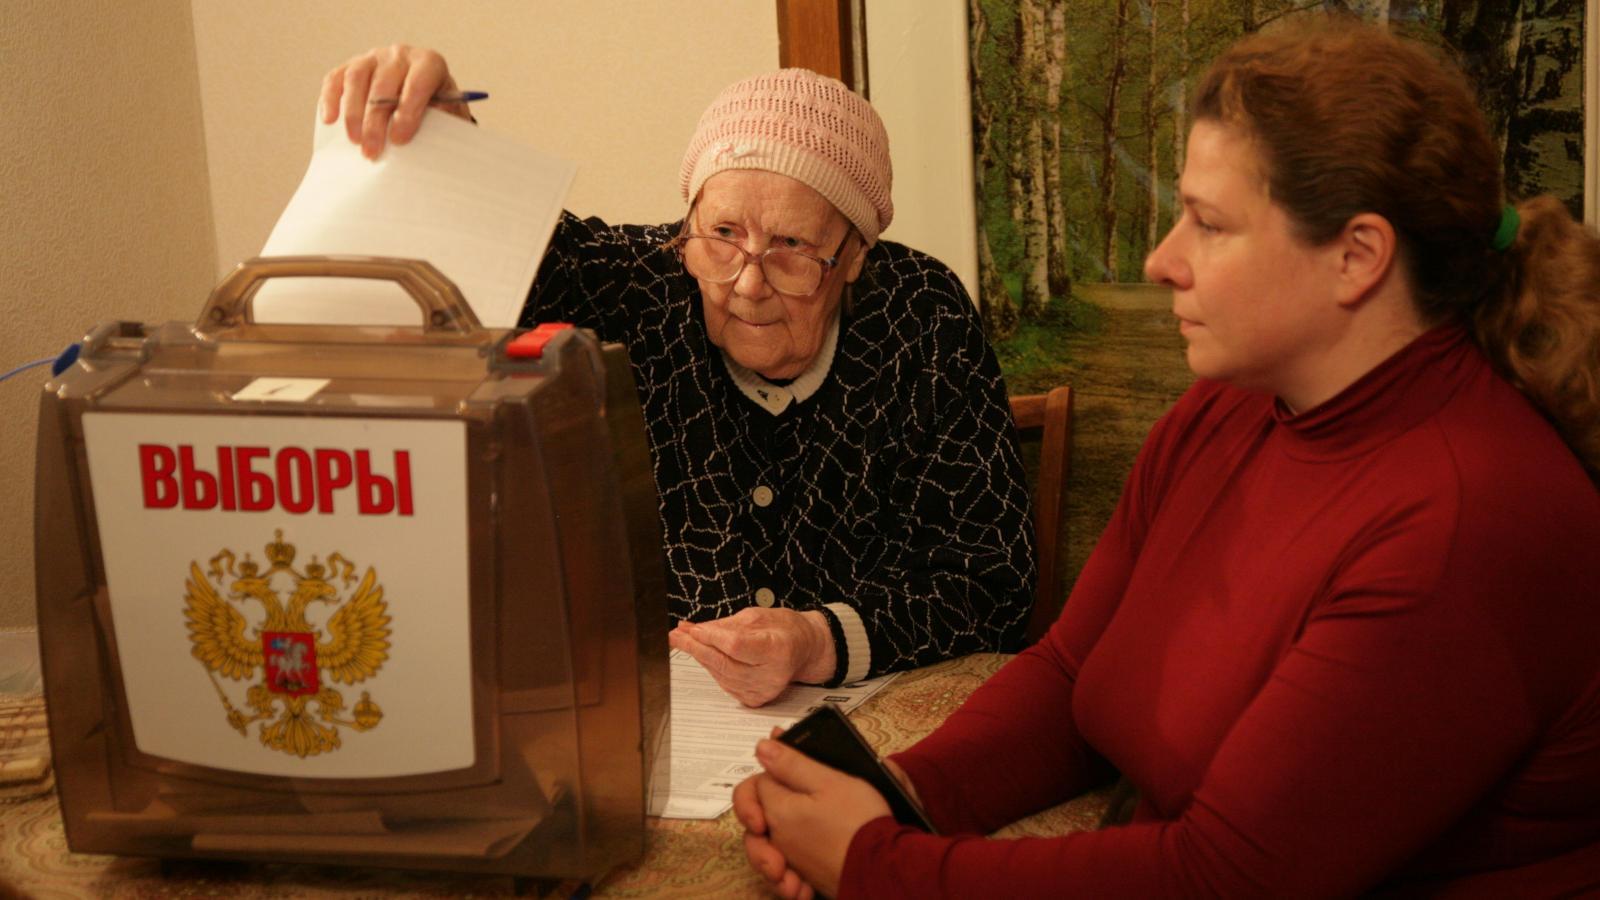 Заболевшие вологжане смогут отдать свой голос на выборах, не выходя из дома